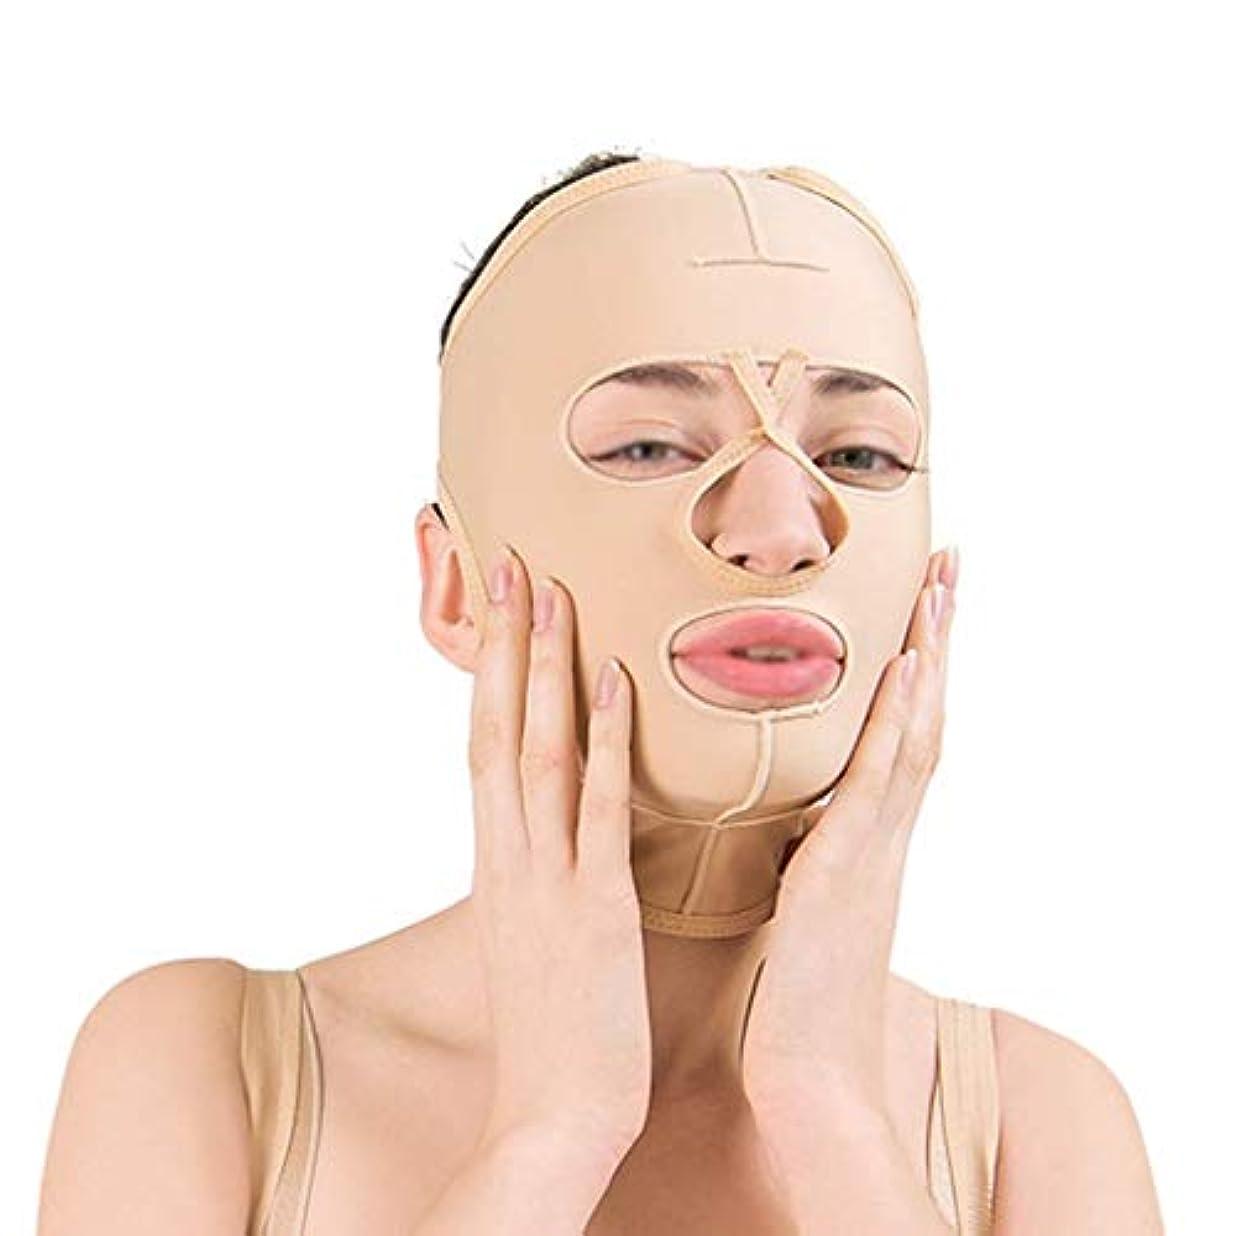 貞マイル軍団フェイススリミングマスク、フェイスバンデージ付きフェイシャル減量マスク、通気性フェイスリフト、引き締め、フェイスリフティング(サイズ:L),ザ?